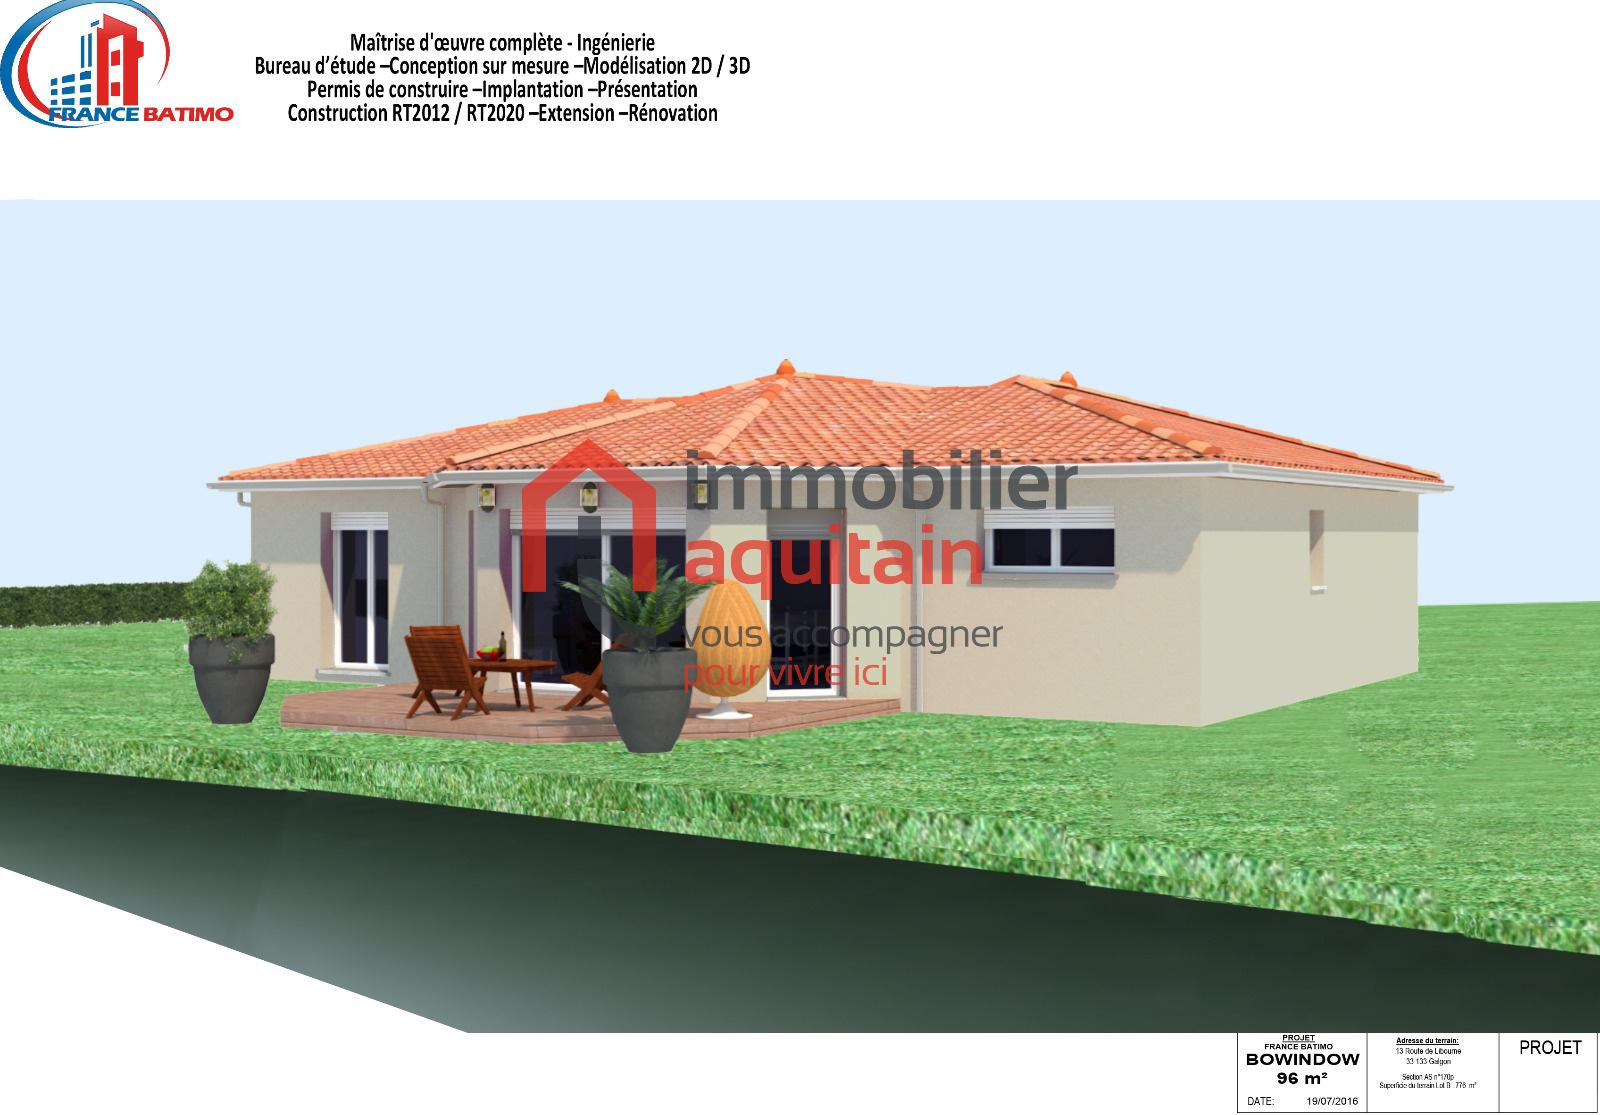 Vente maison neuve de qualit for Acheter maison neuve 29